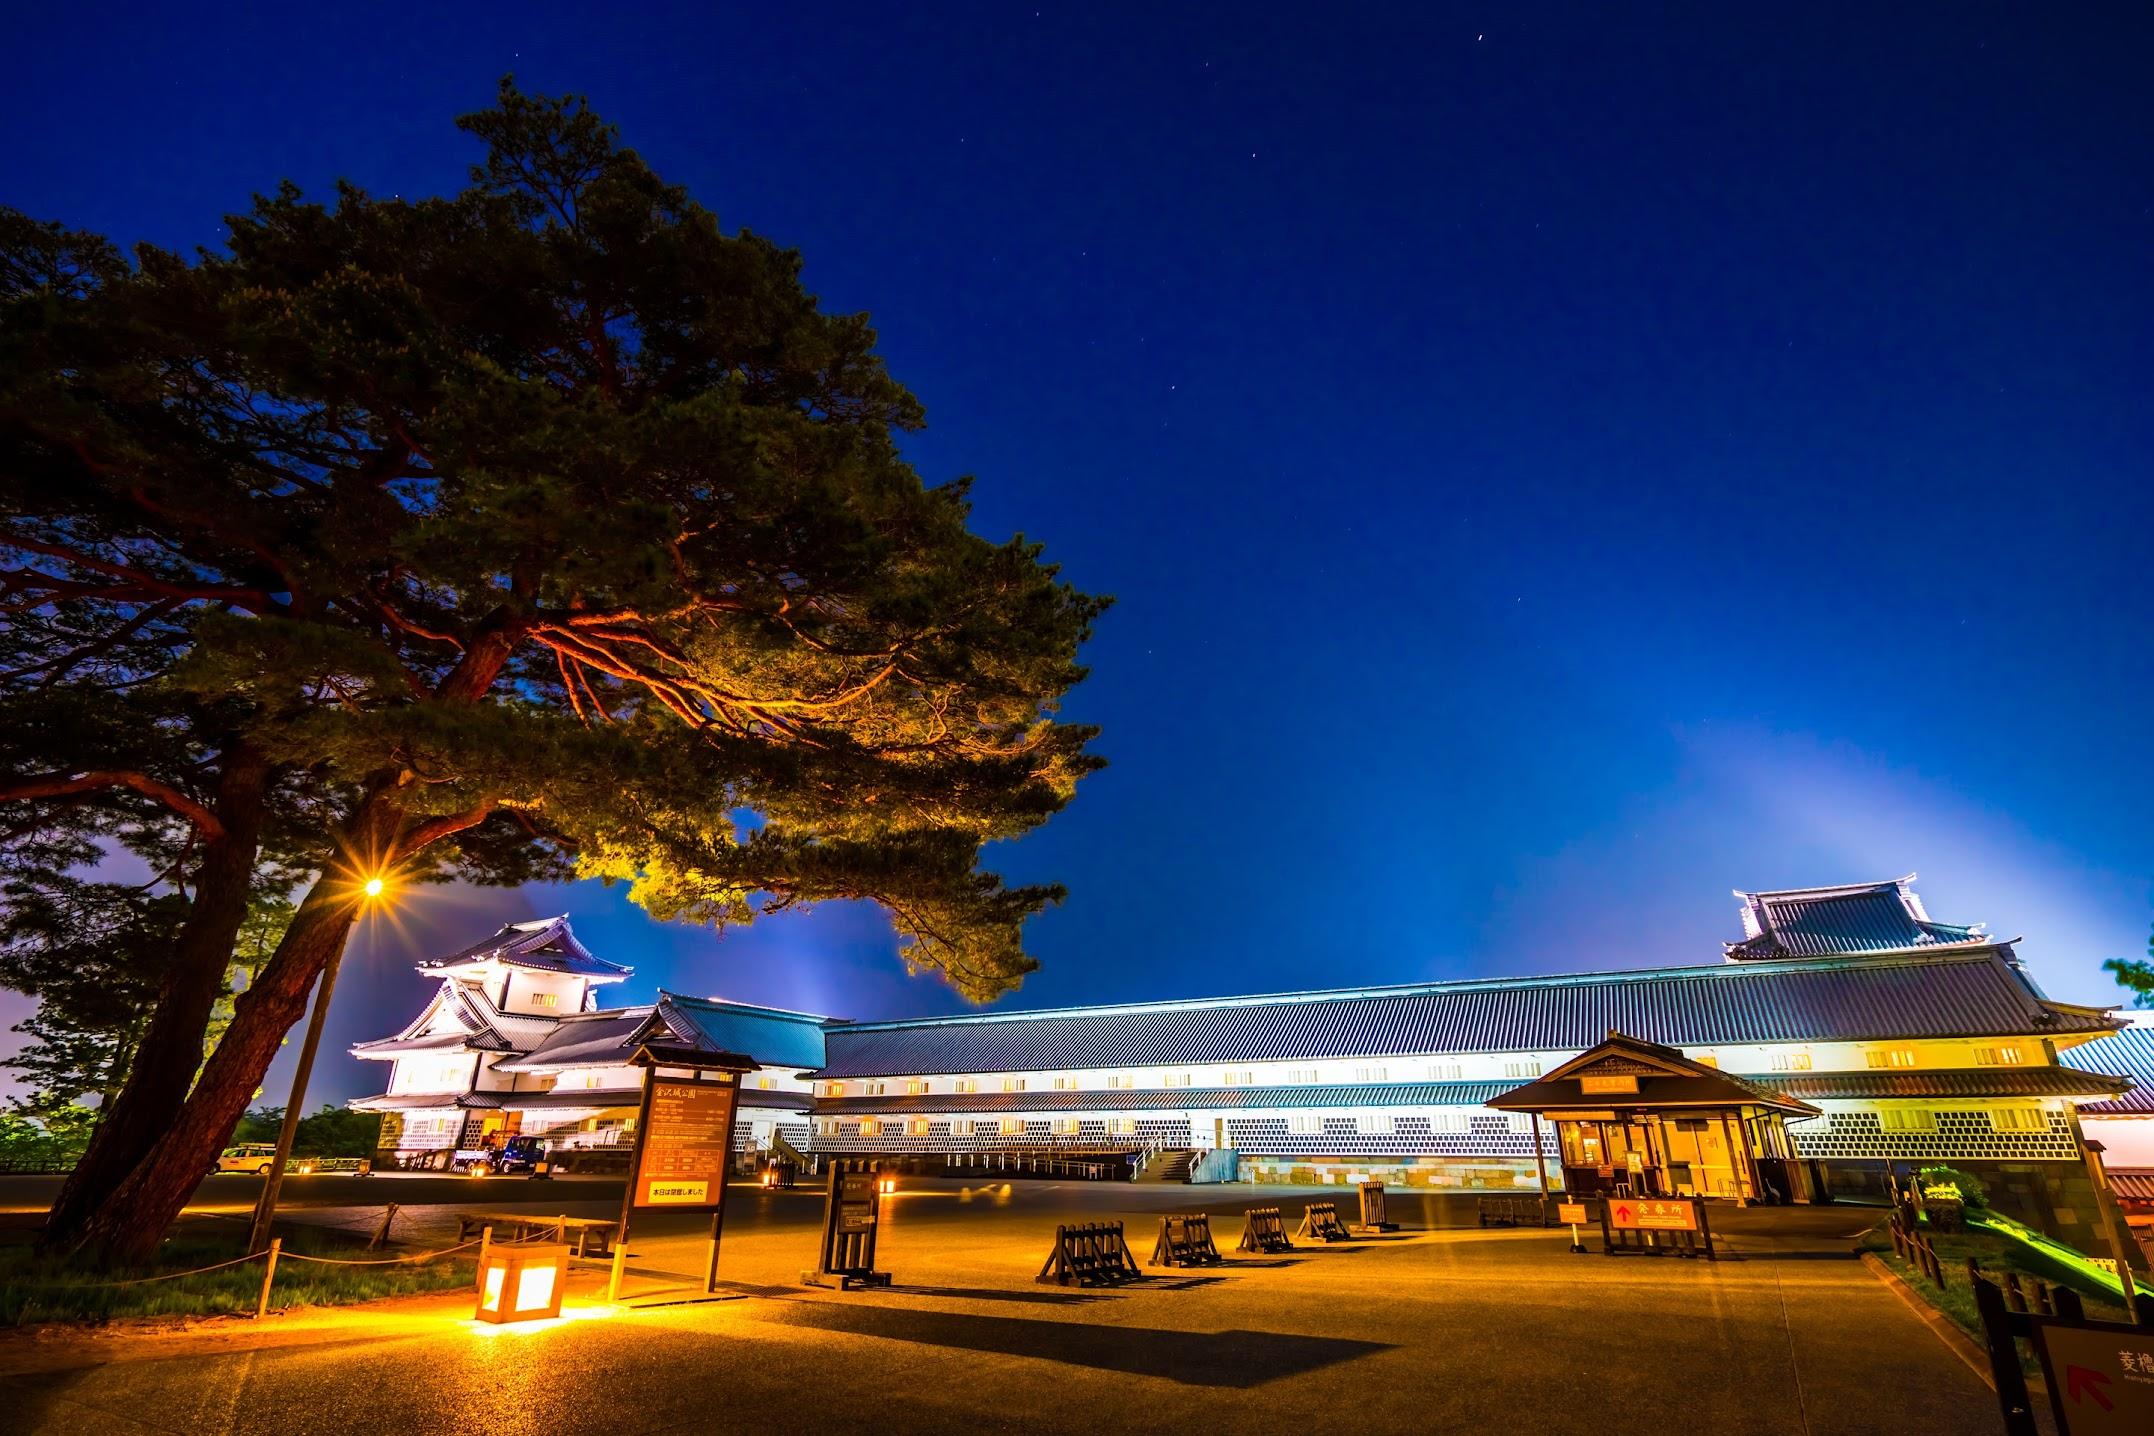 金沢城公園 ライトアップ1